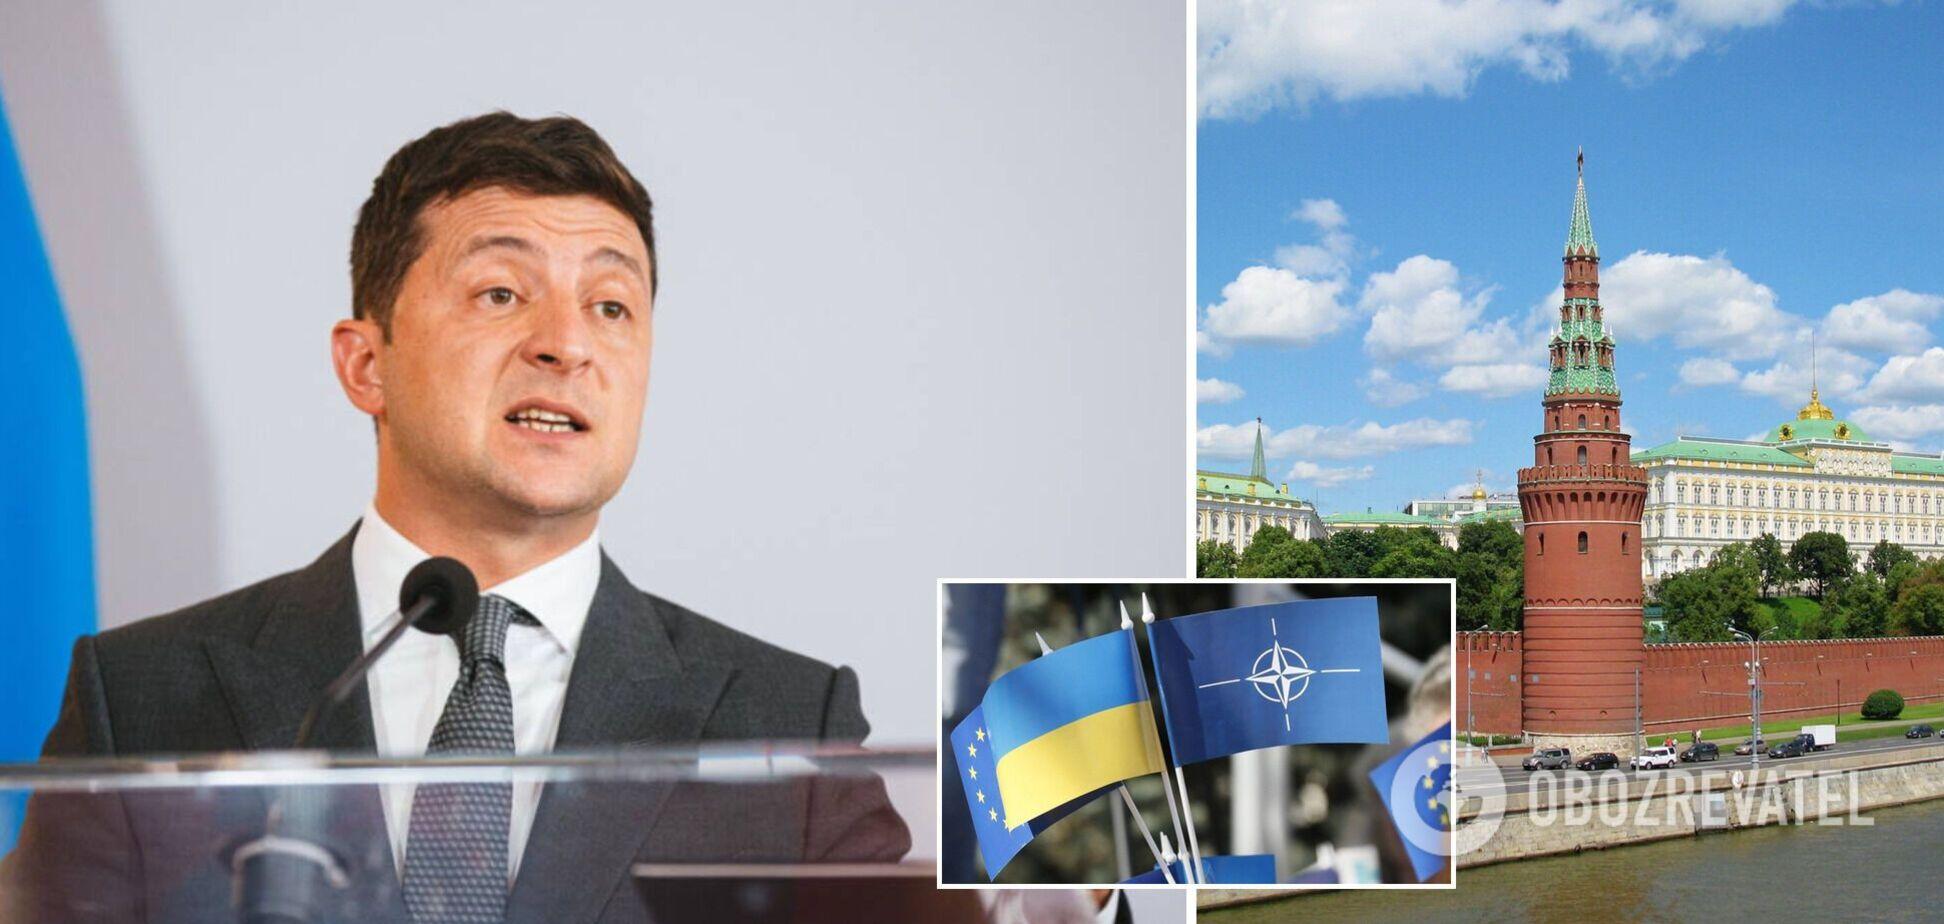 Угроза 'блицкрига', план 'Б' по НАТО и флеш-рояль в руках РФ. Главное из интервью Зеленского